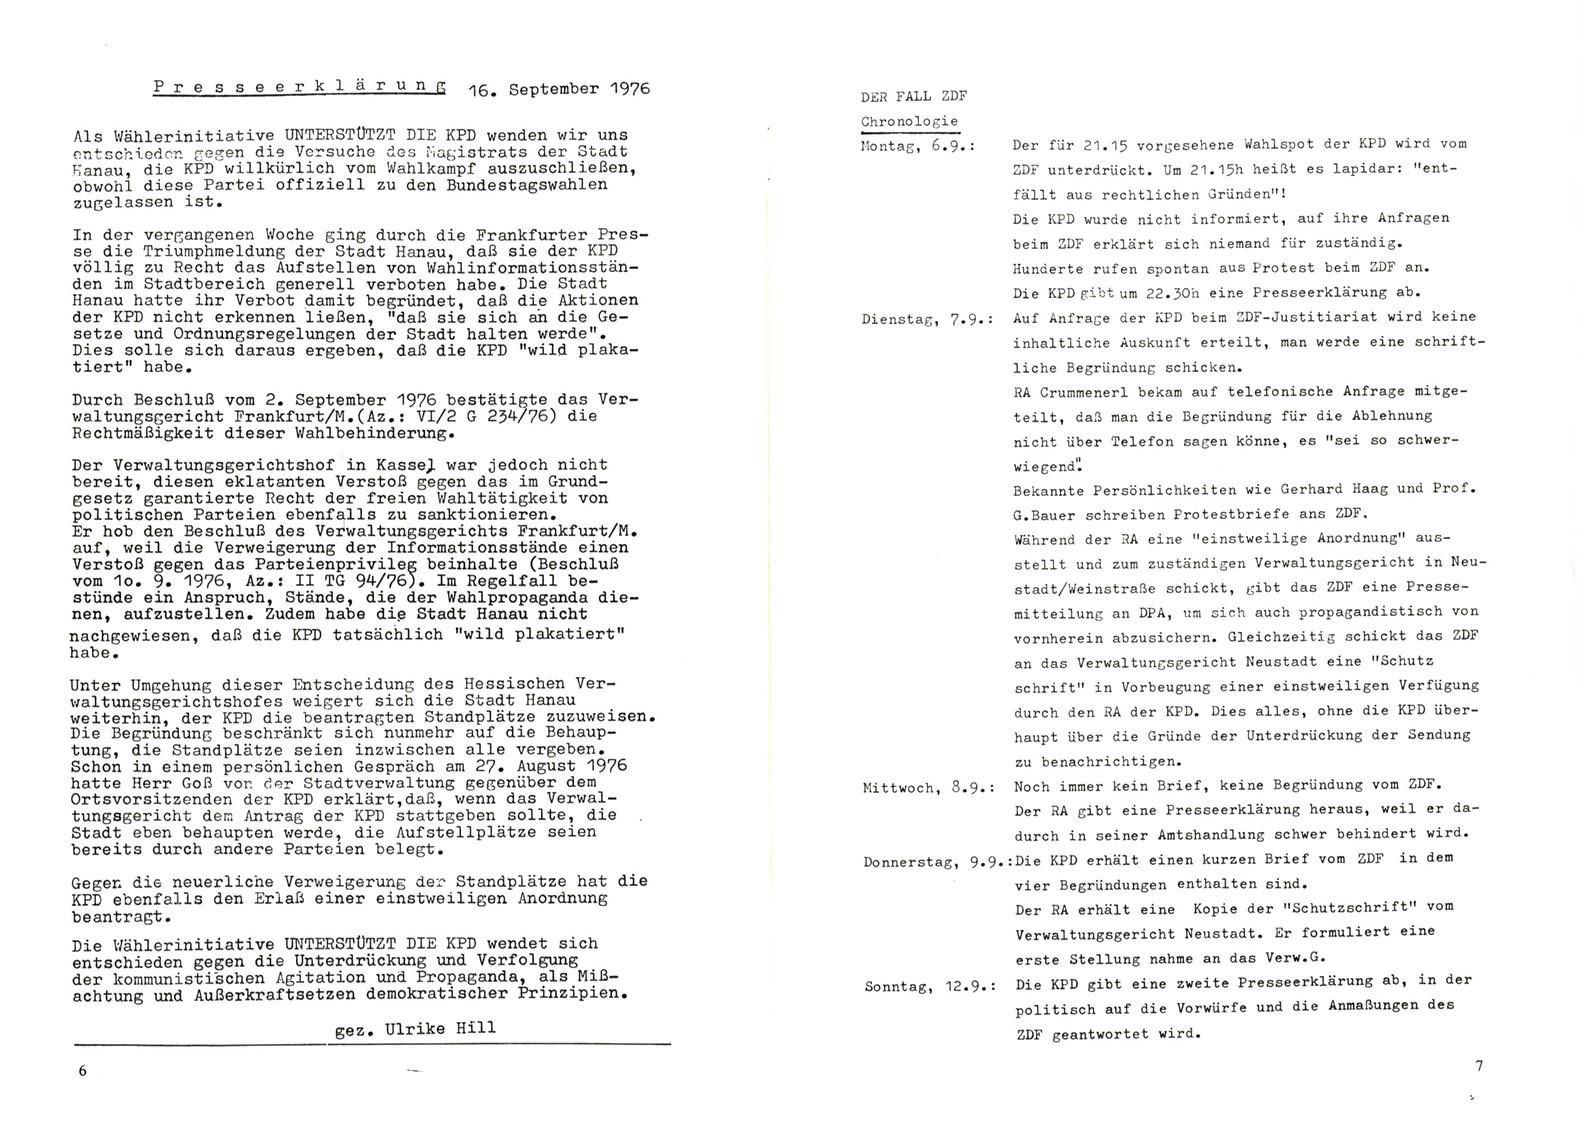 KPDAO_1976_Wahlbehinderungen_im_BTW_05